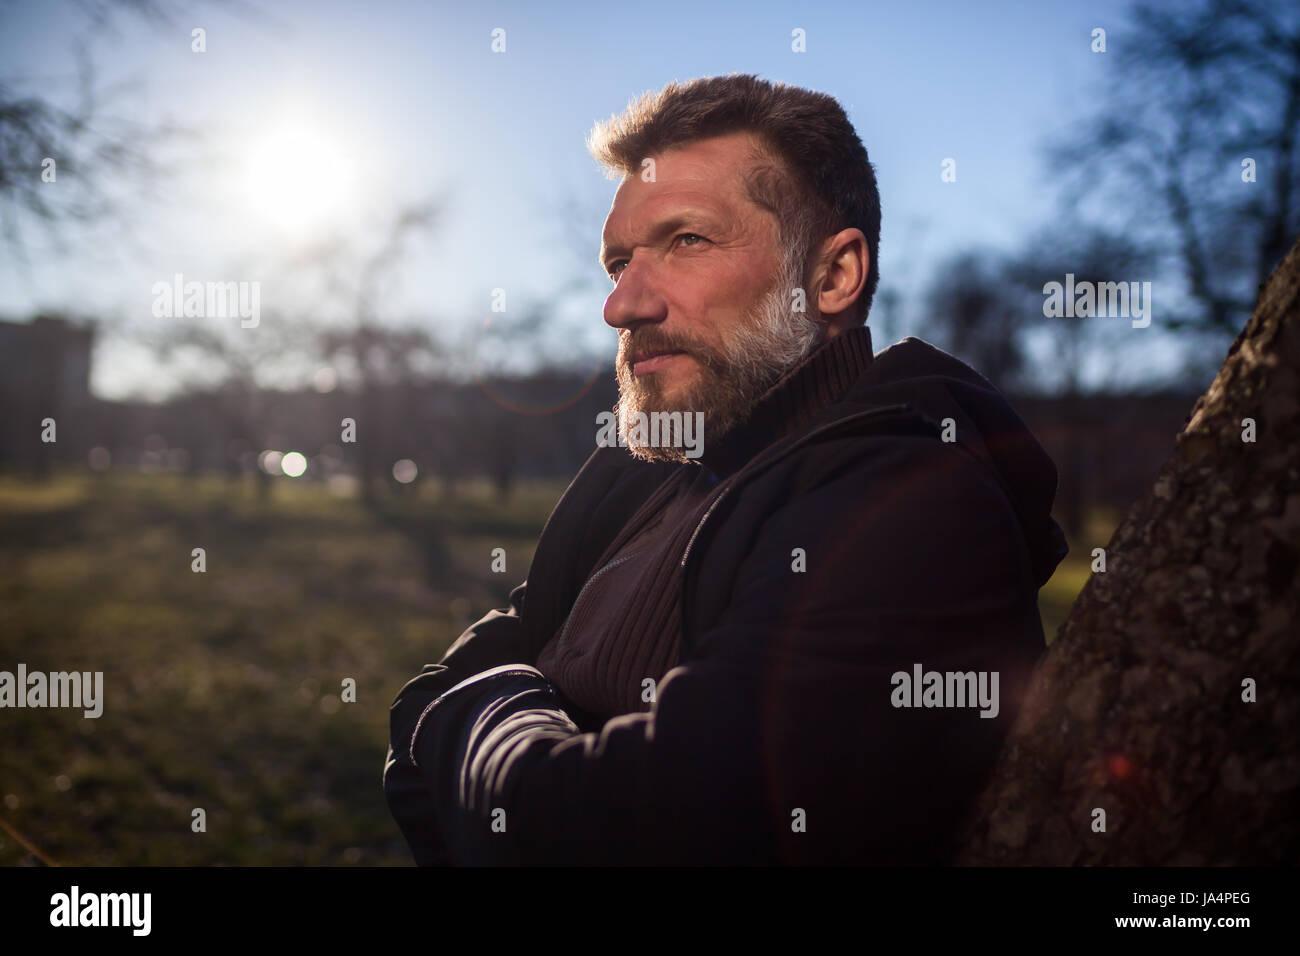 Porträt eines älteren Mannes in einem Park. Er schaut nachdenklich in die Ferne, planen und träumen Stockbild